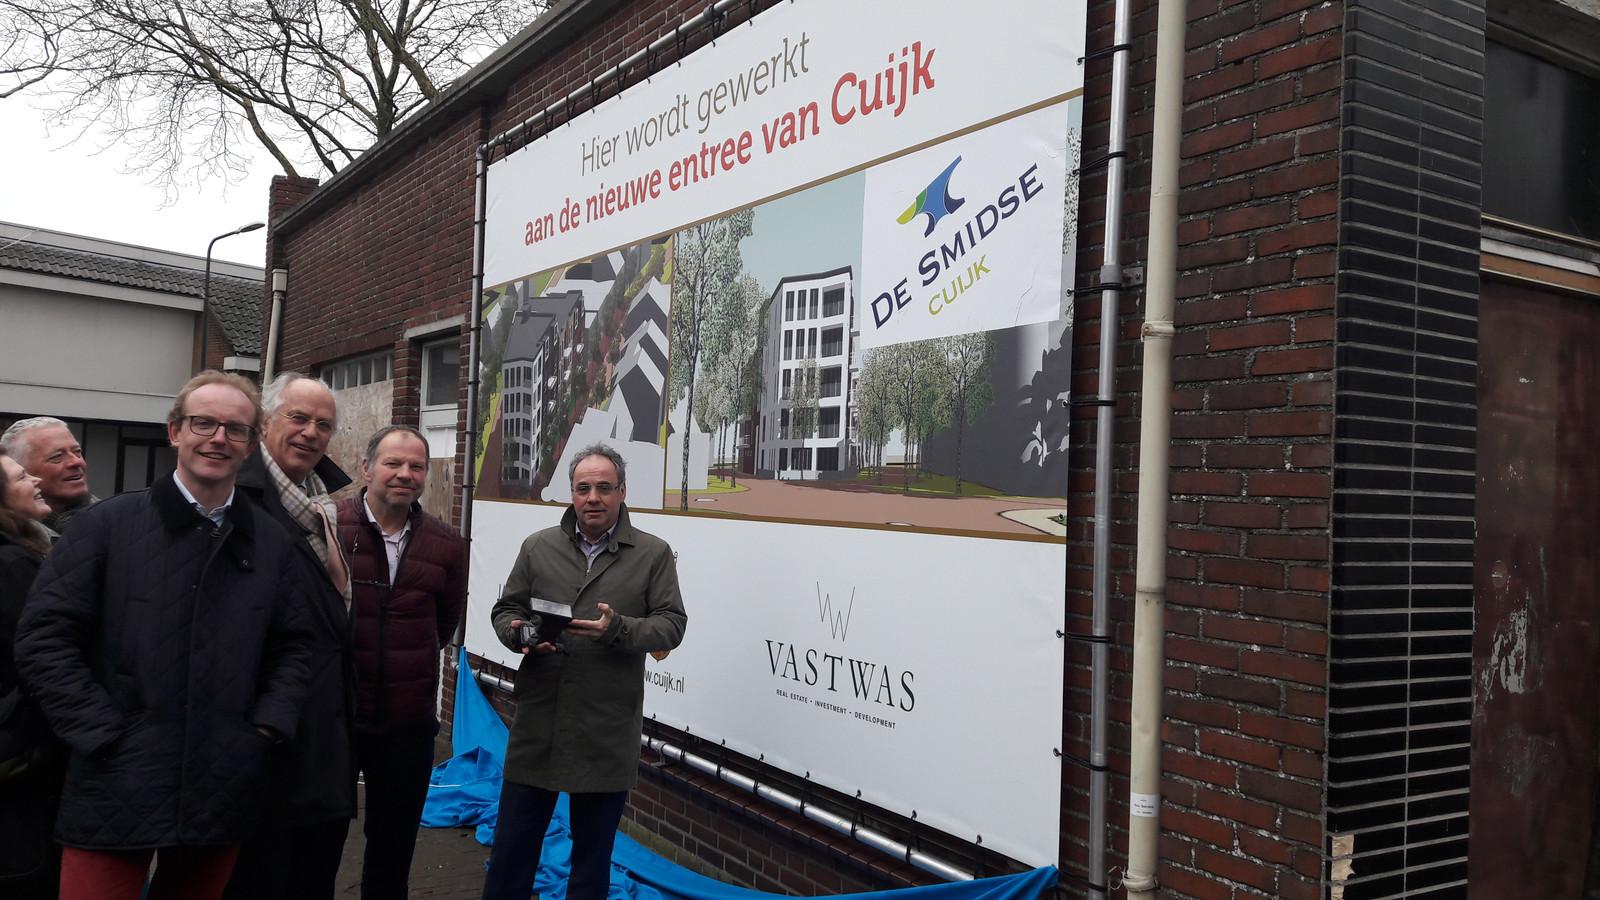 Maart 2018 werd, in bijzijn van de toenmalige Cuijkse wethouders Rob Poel (rechts) en Jos Nielen (naast hem) de naam van het nieuwe wooncomplex bekendgemaakt, De Smidse. Toen dacht ontwikkelaar Vastwas nog dat er eind 2019 gewoond zou kunnen worden.